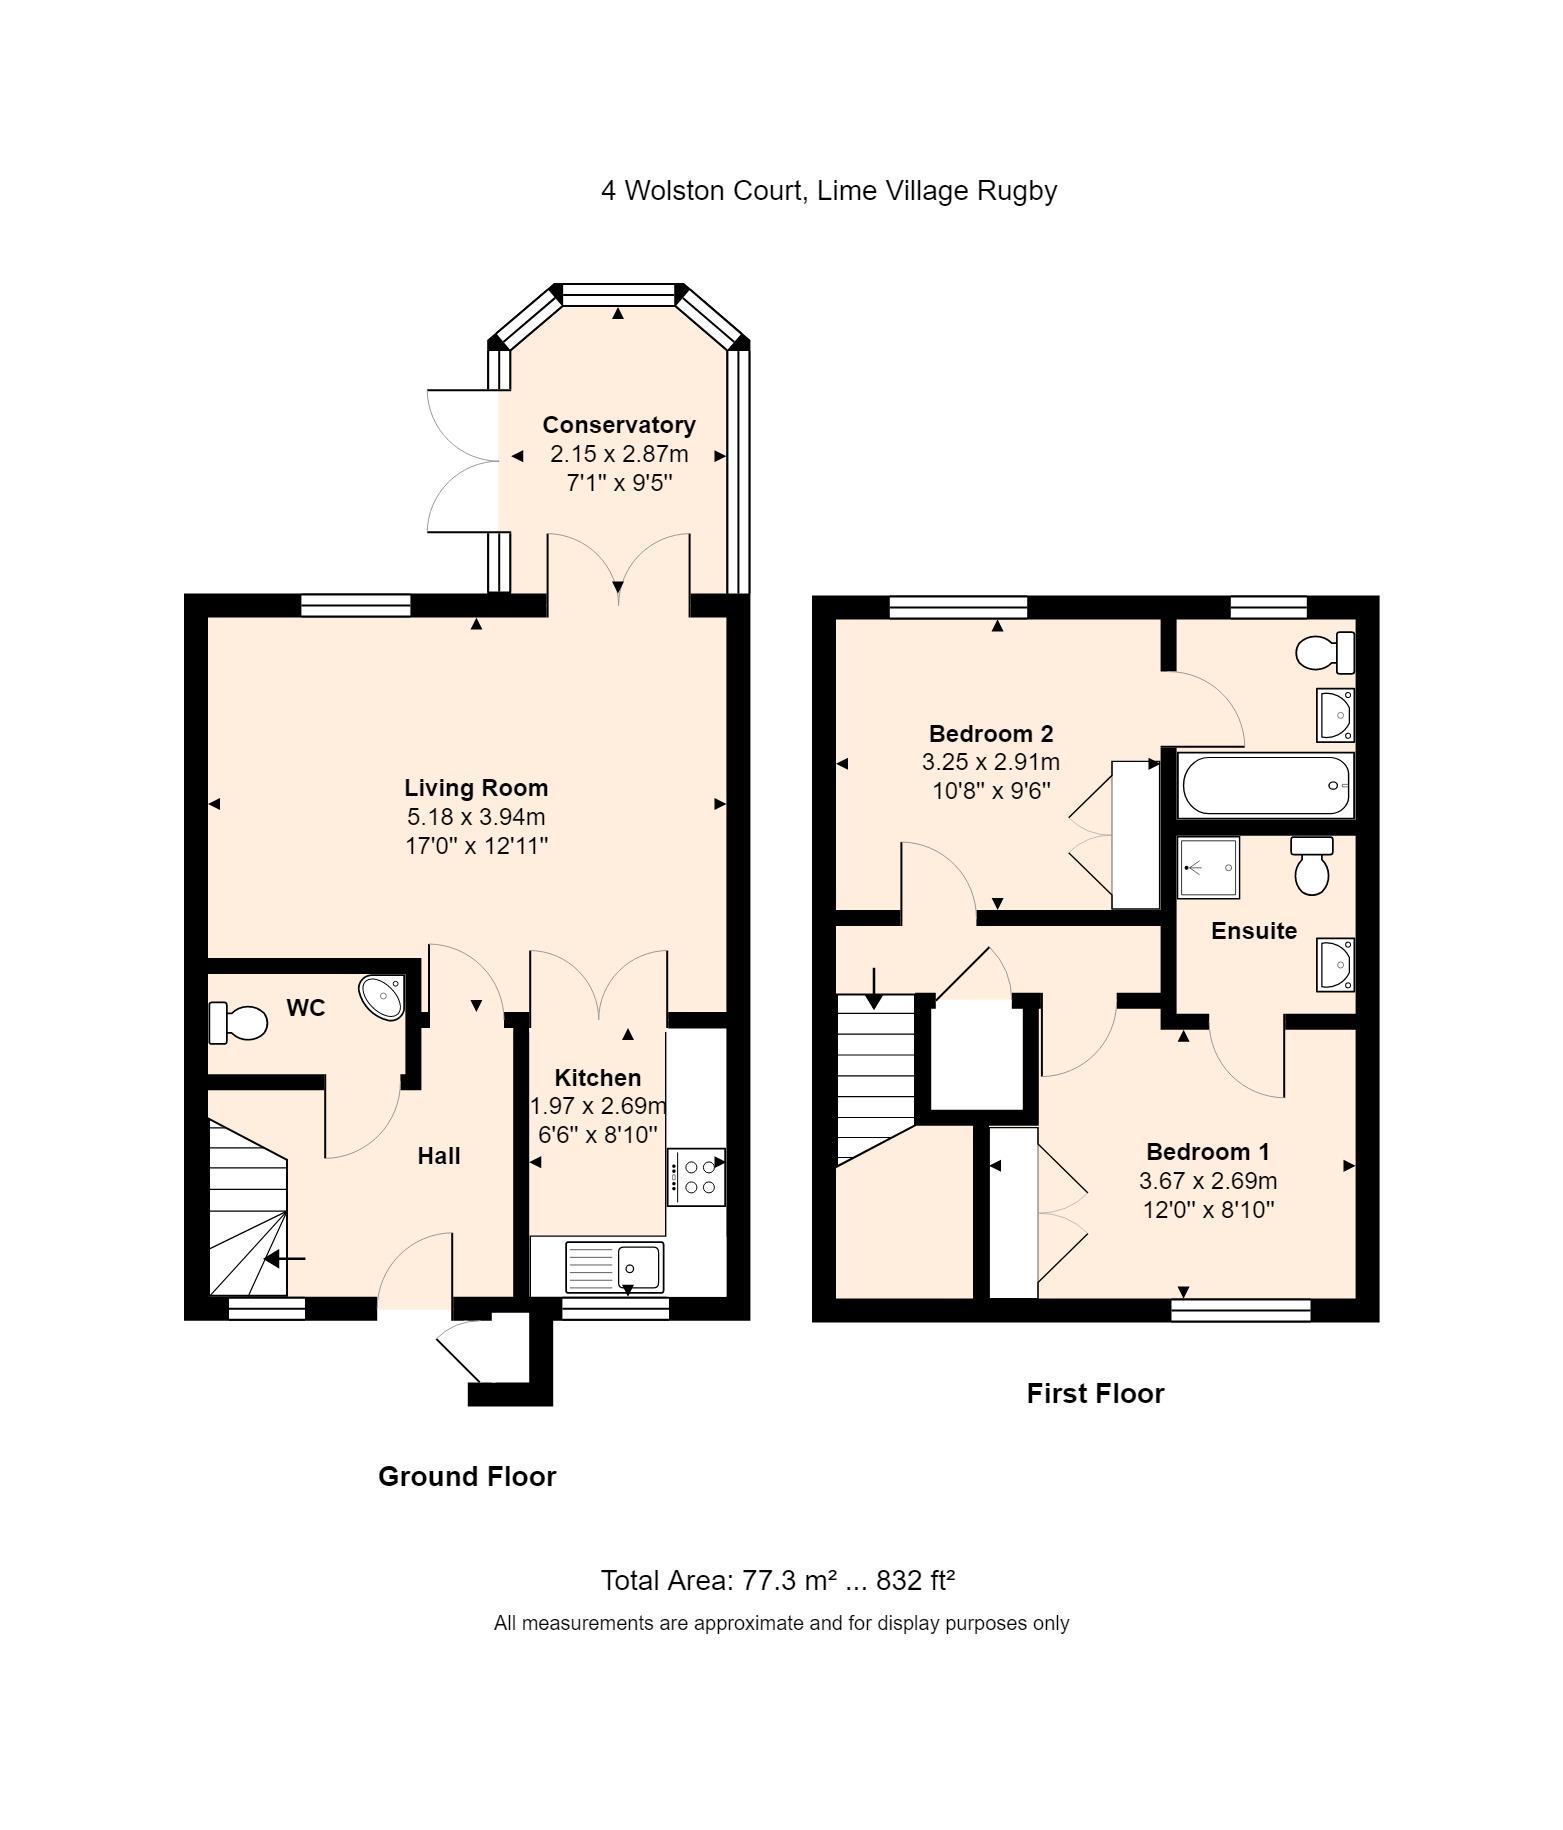 4 Wolston Court Floorplan